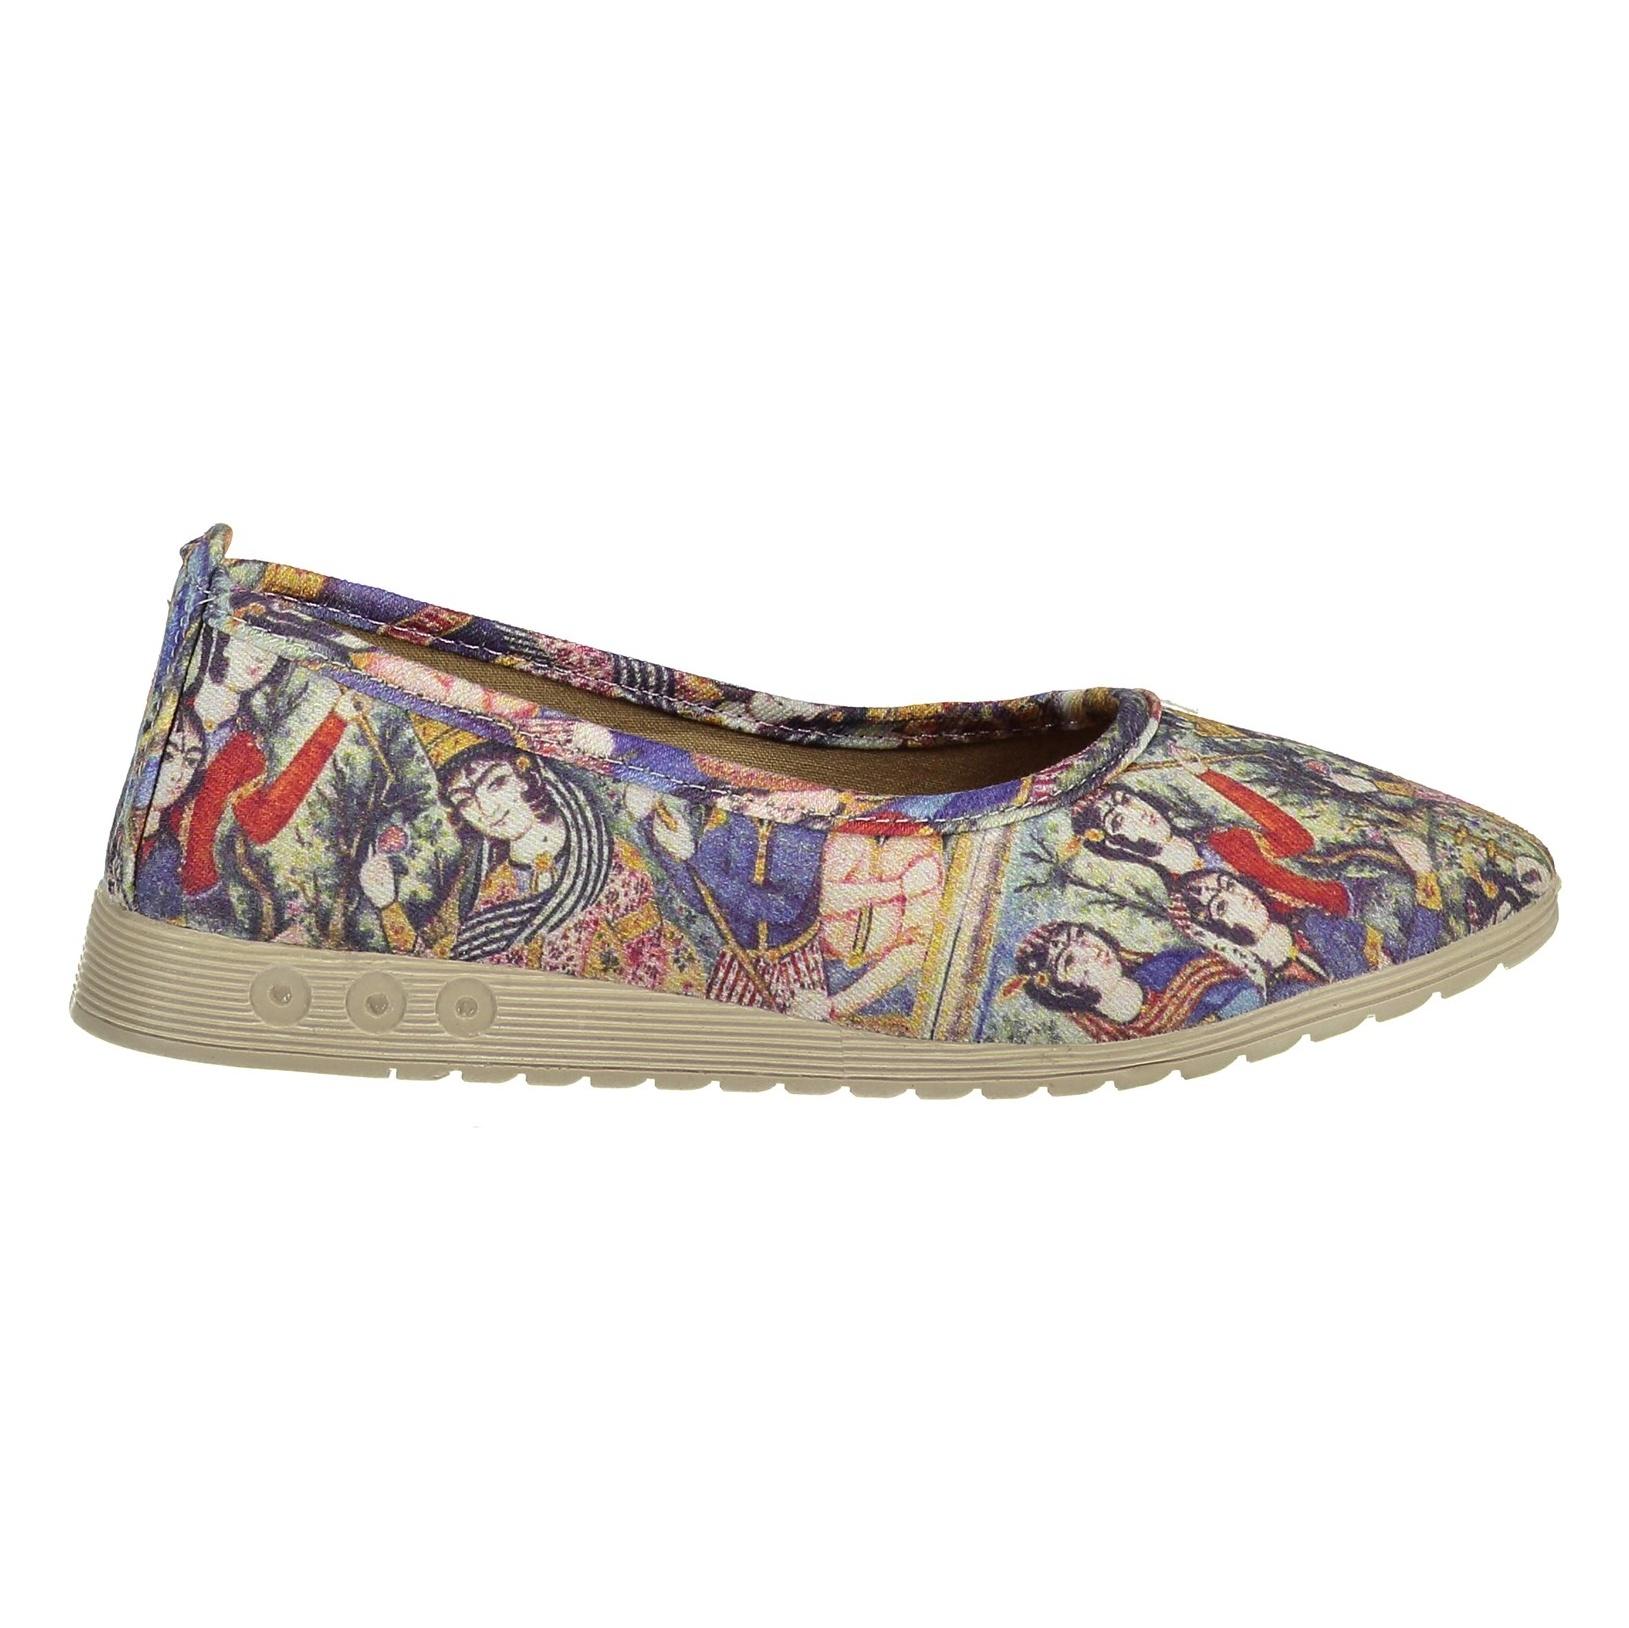 تصویر کفش تخت پارچه ای زنانه – گالری آرتمیس